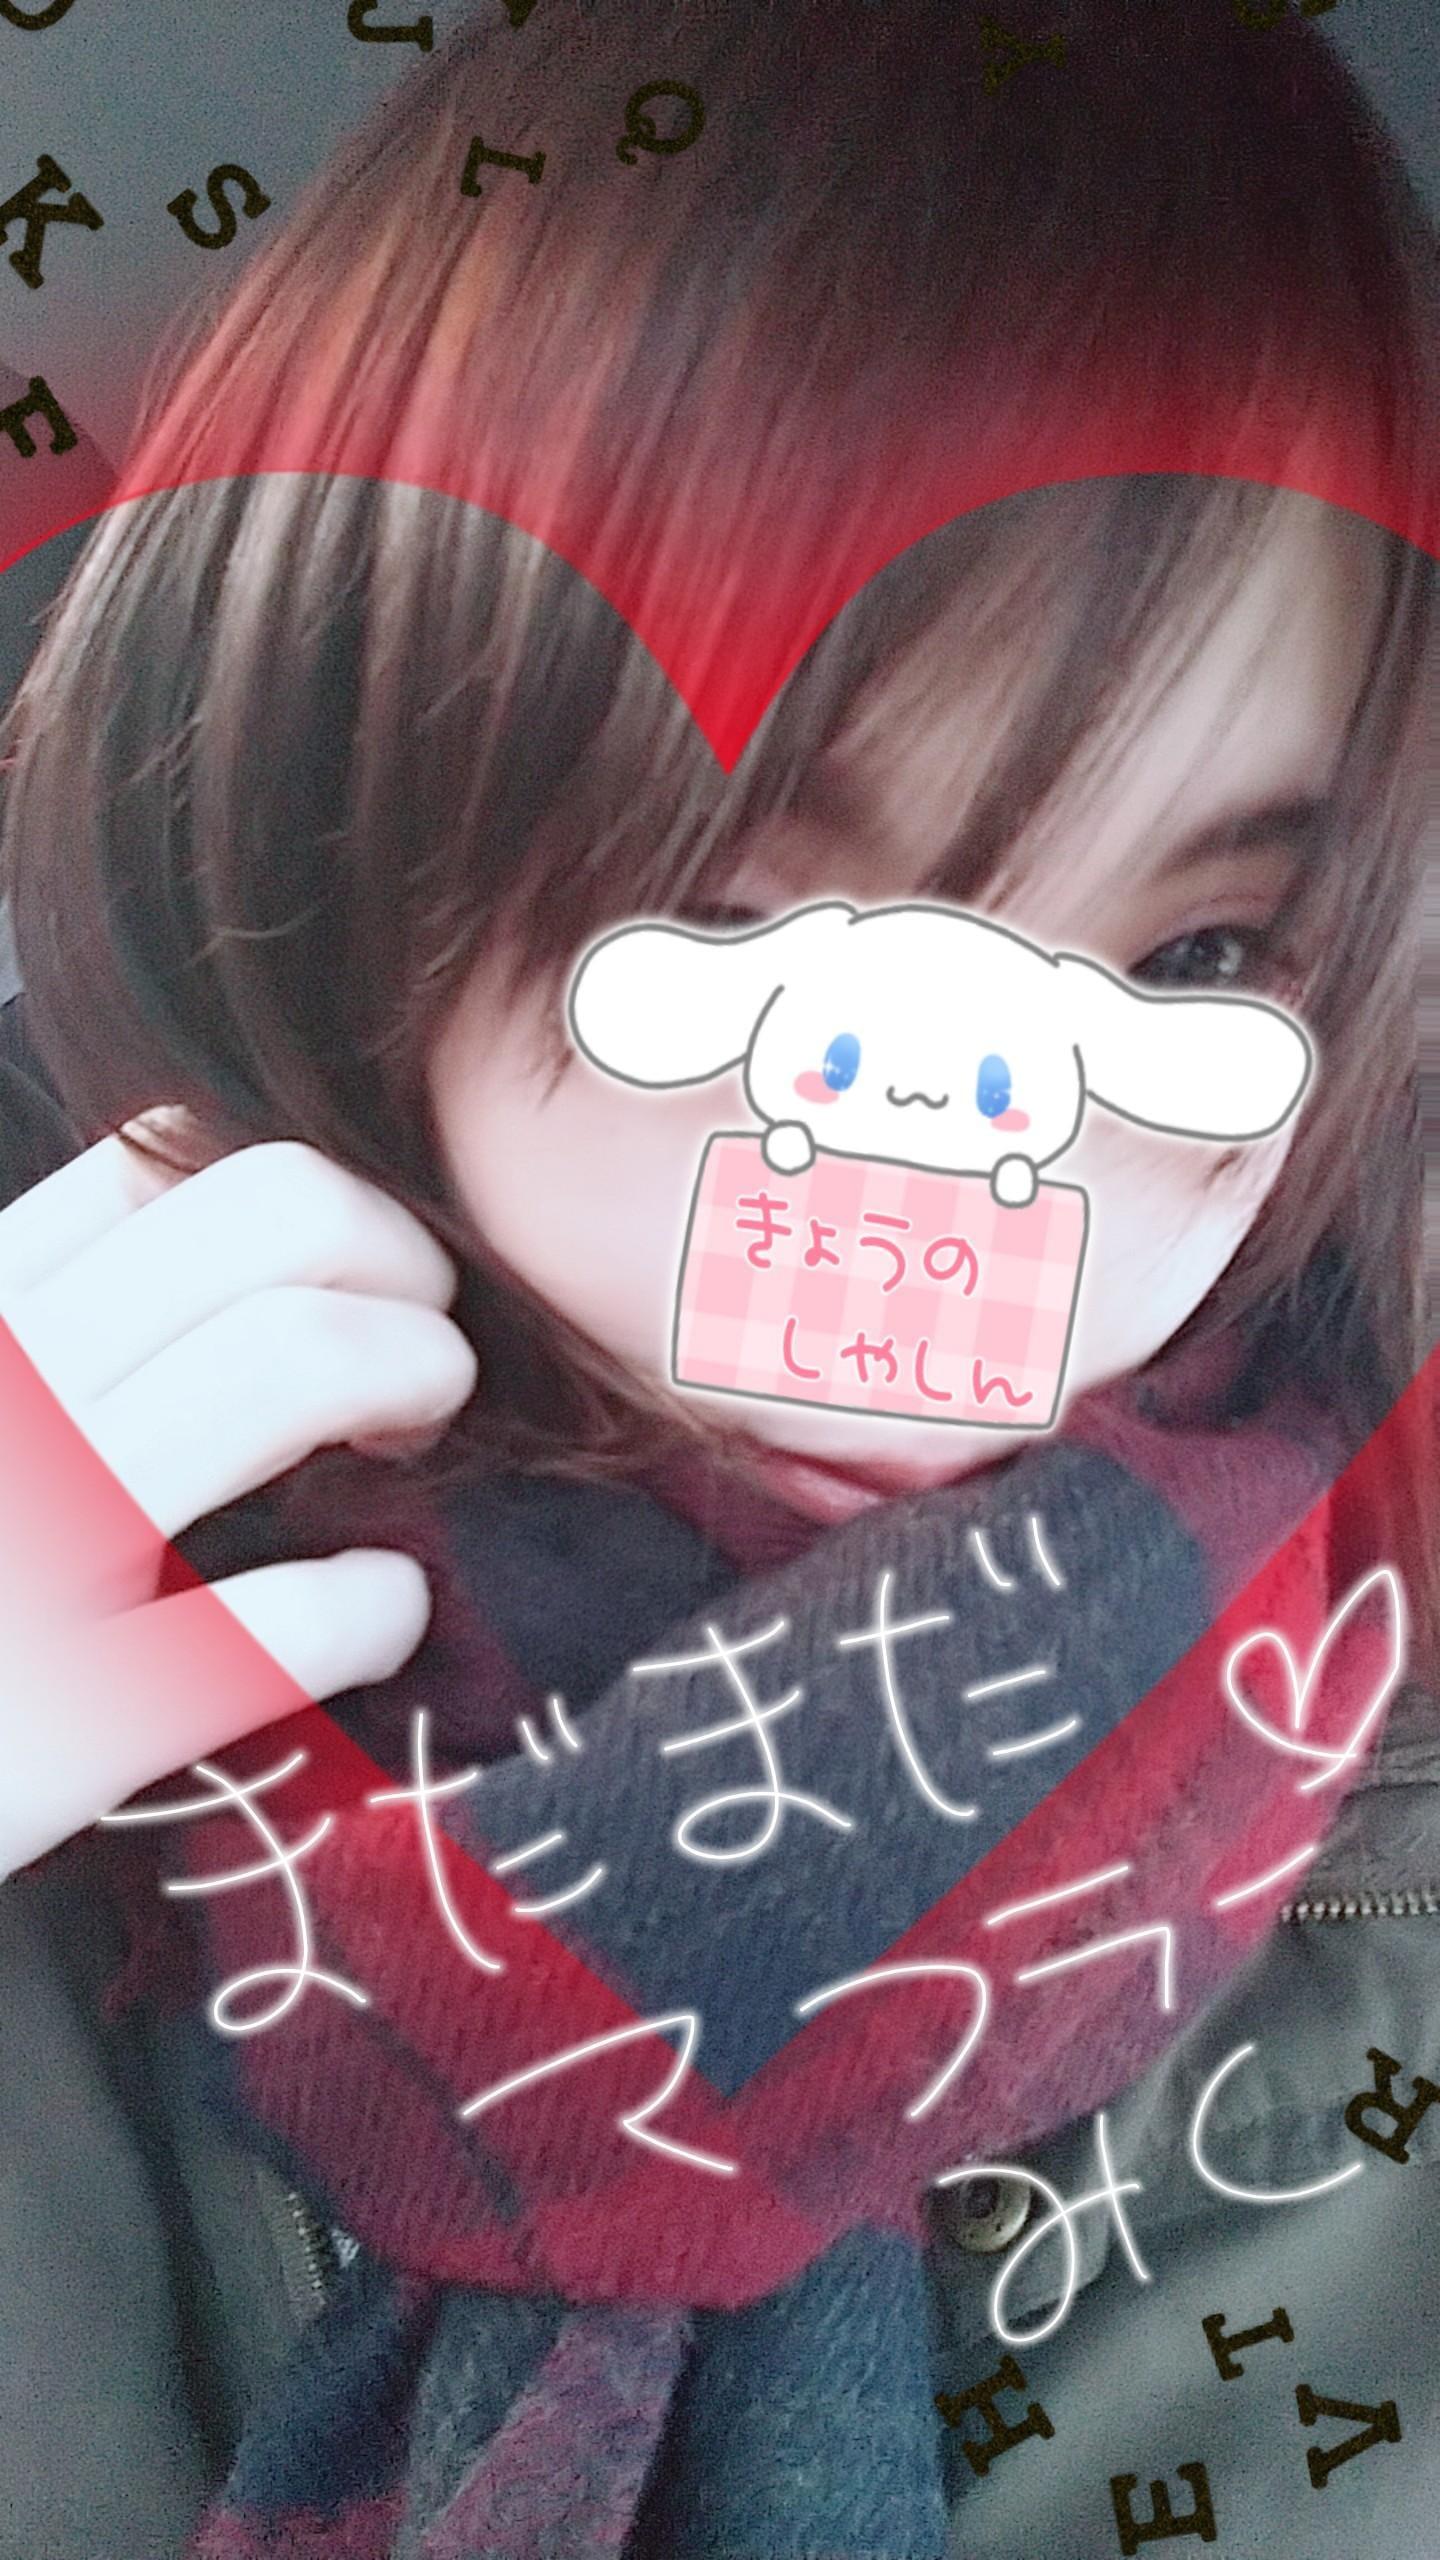 「まだまだ活躍中っ![お題]from:」04/03(04/03) 12:00 | 美久の写メ・風俗動画